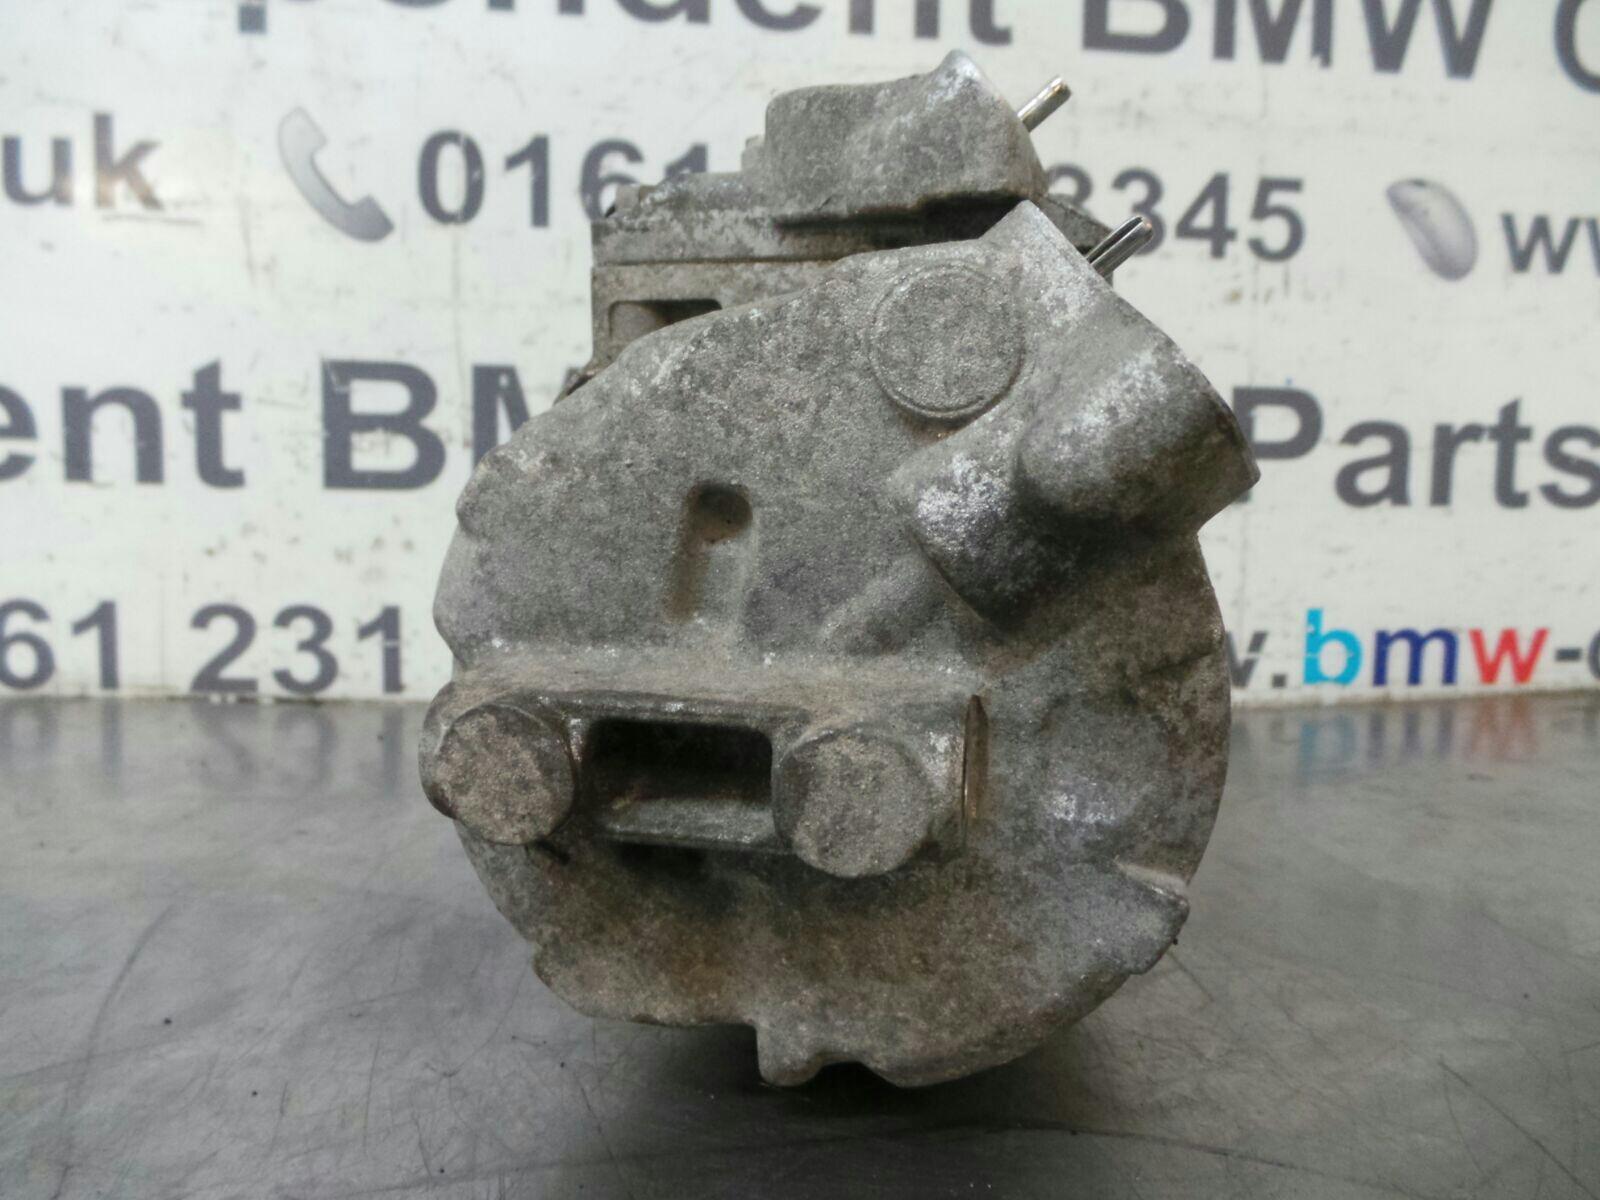 Bmw E46 3 Series Air Con Compressor 64526936883 Breaking For Used Kompresor Seri Denso